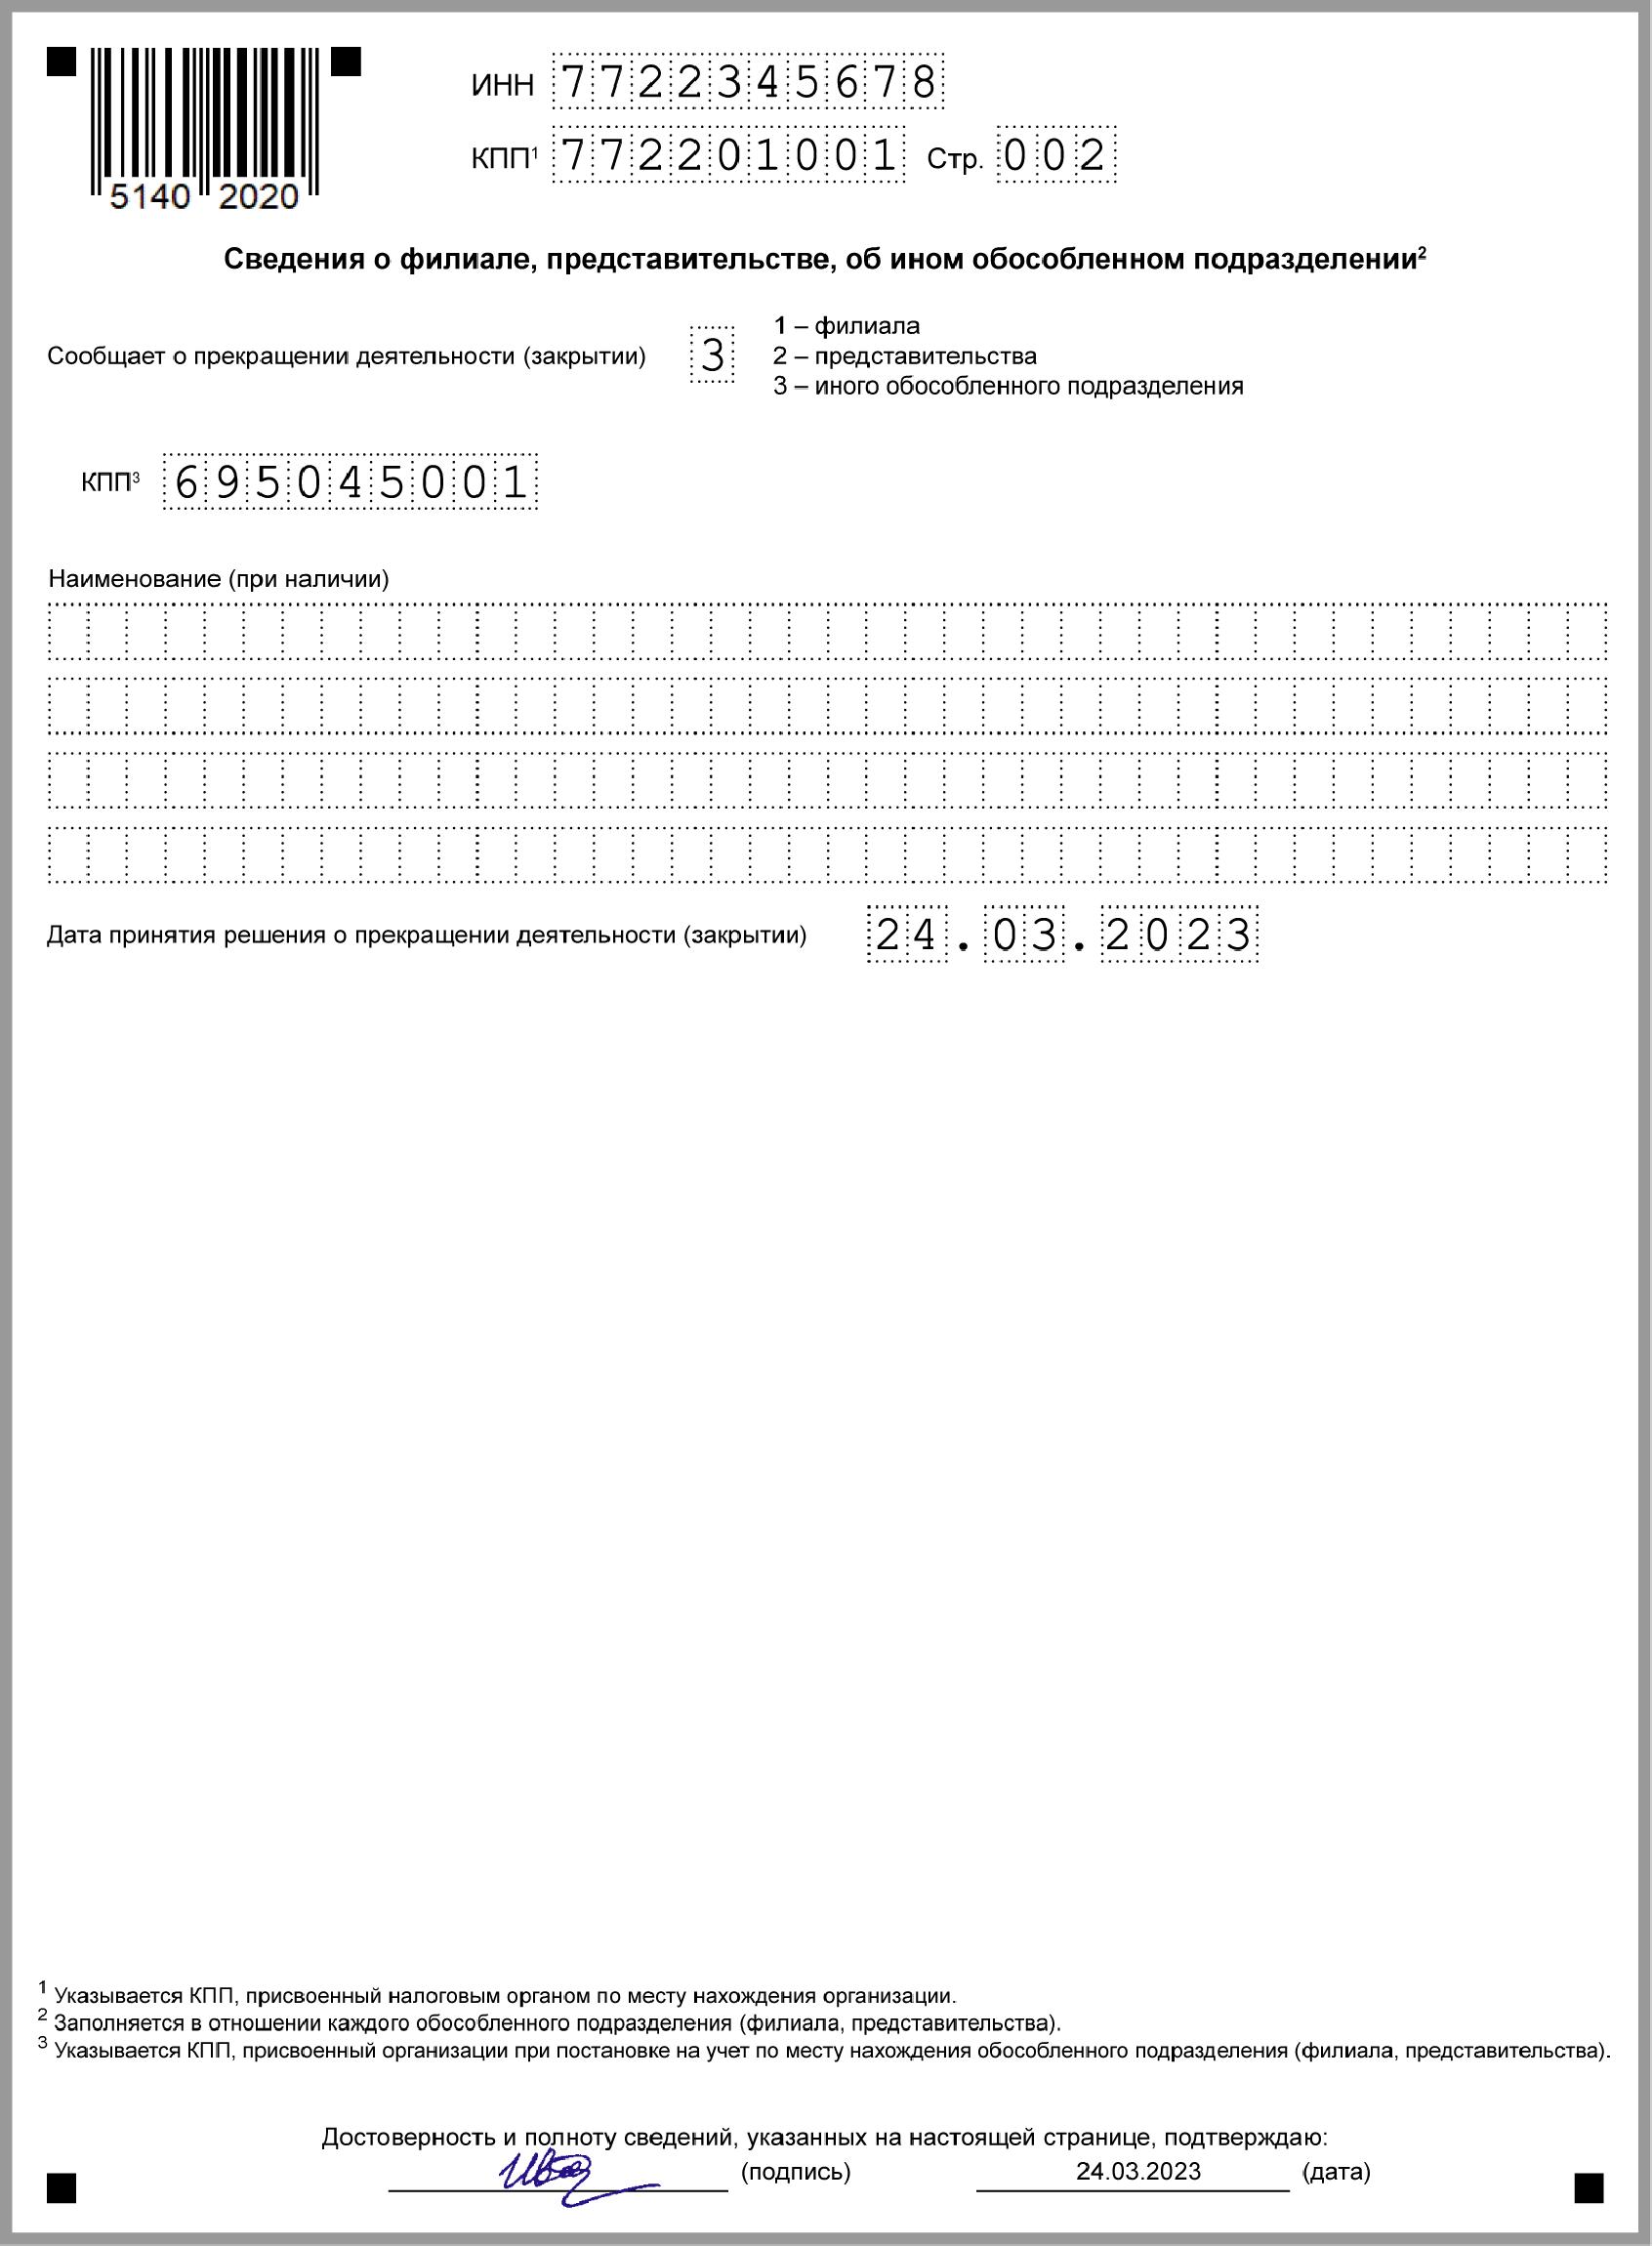 Налоги после закрытия обособленного подразделения